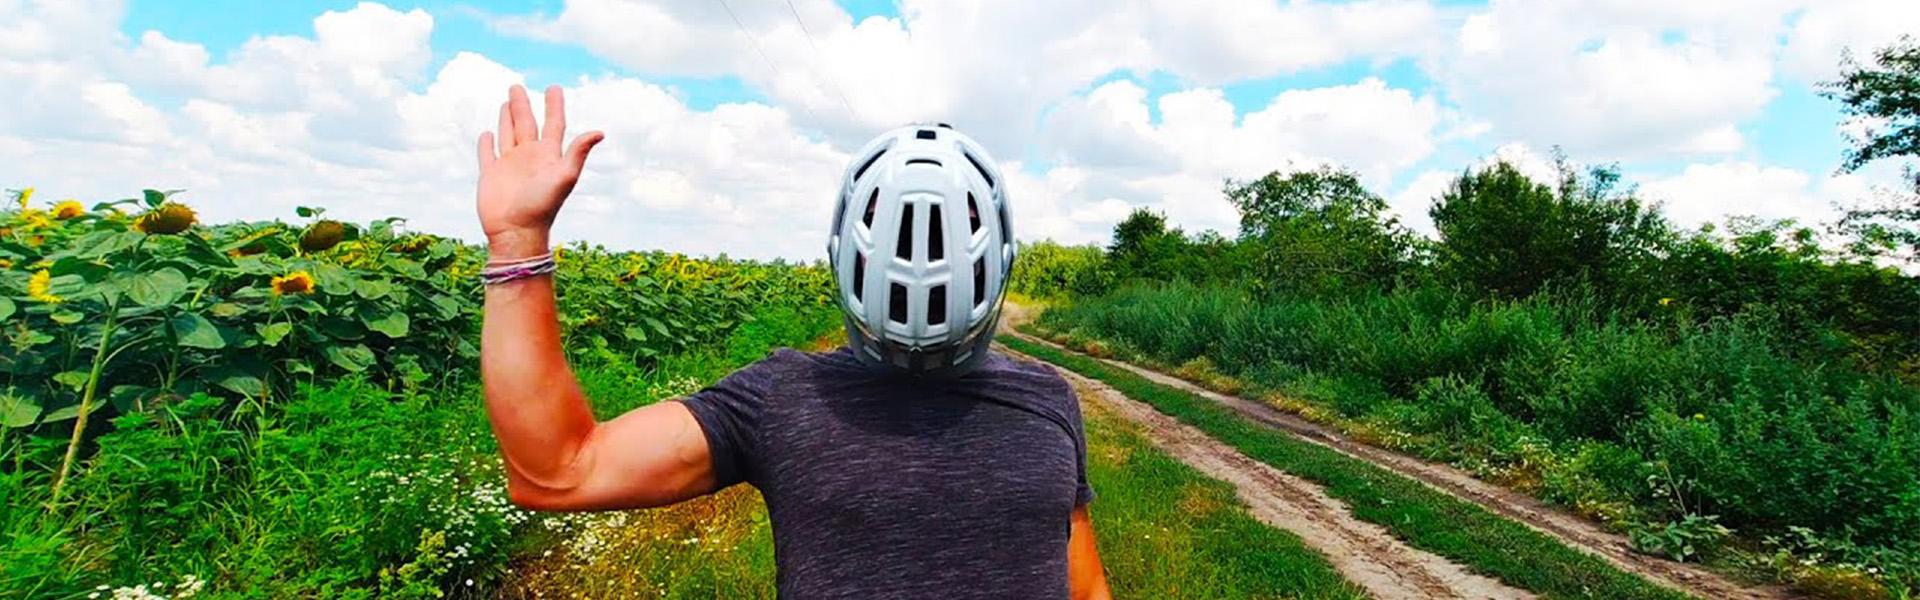 3 tipikus bukósisakos hiba - kerékpáros fejvédő viselésének szabályai